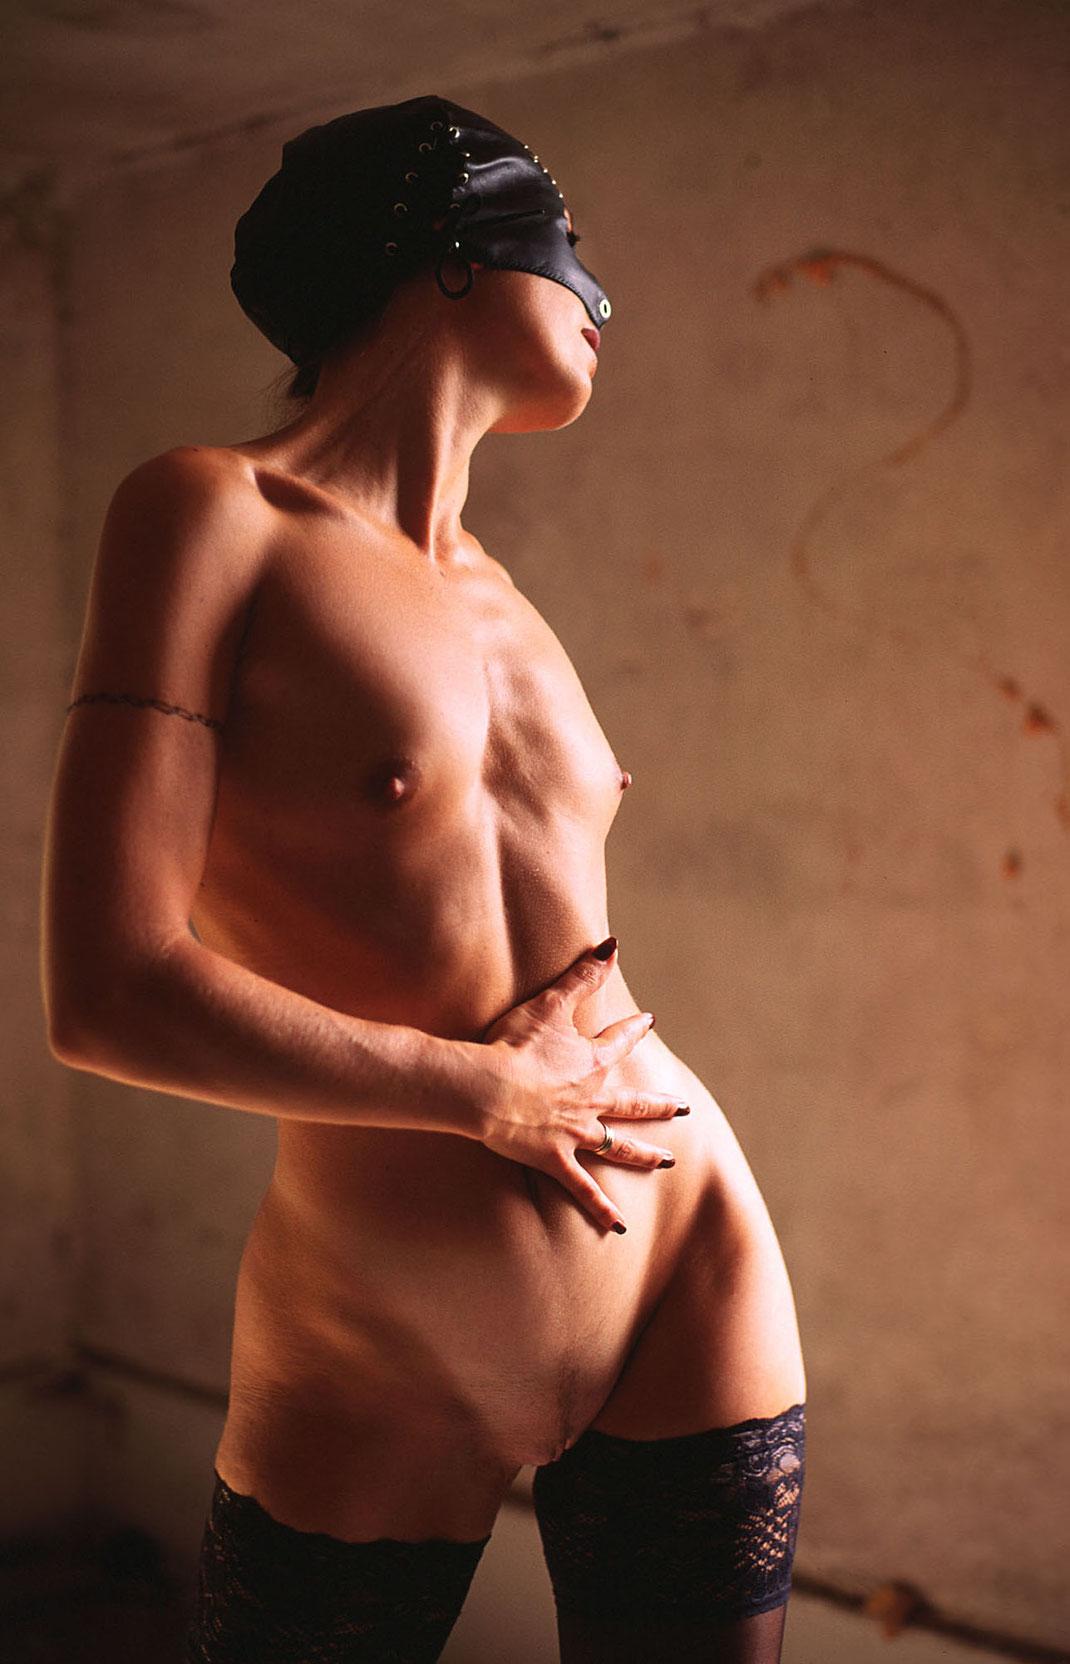 Erotische Fetish Aufnahme mit Nina und Maske by Martin Boelt Erotic Photography